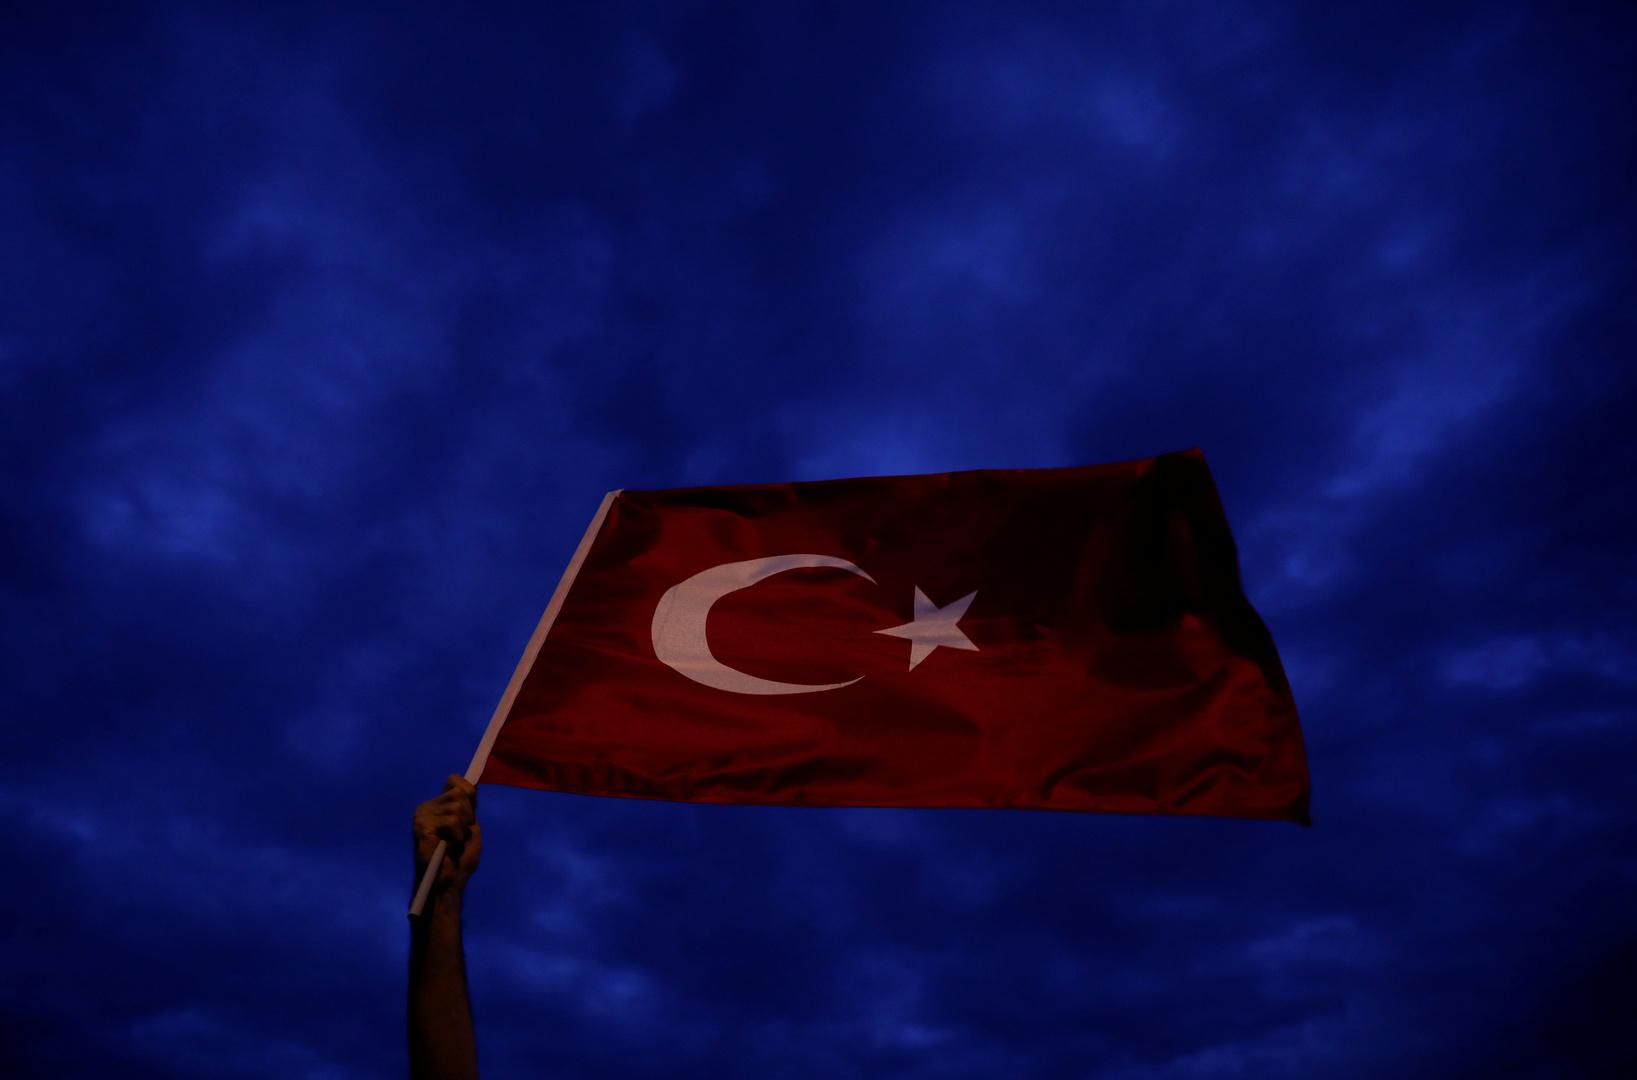 تركيا.. المؤبد على عشرات المتهمين بالتورط في محاولة الانقلاب